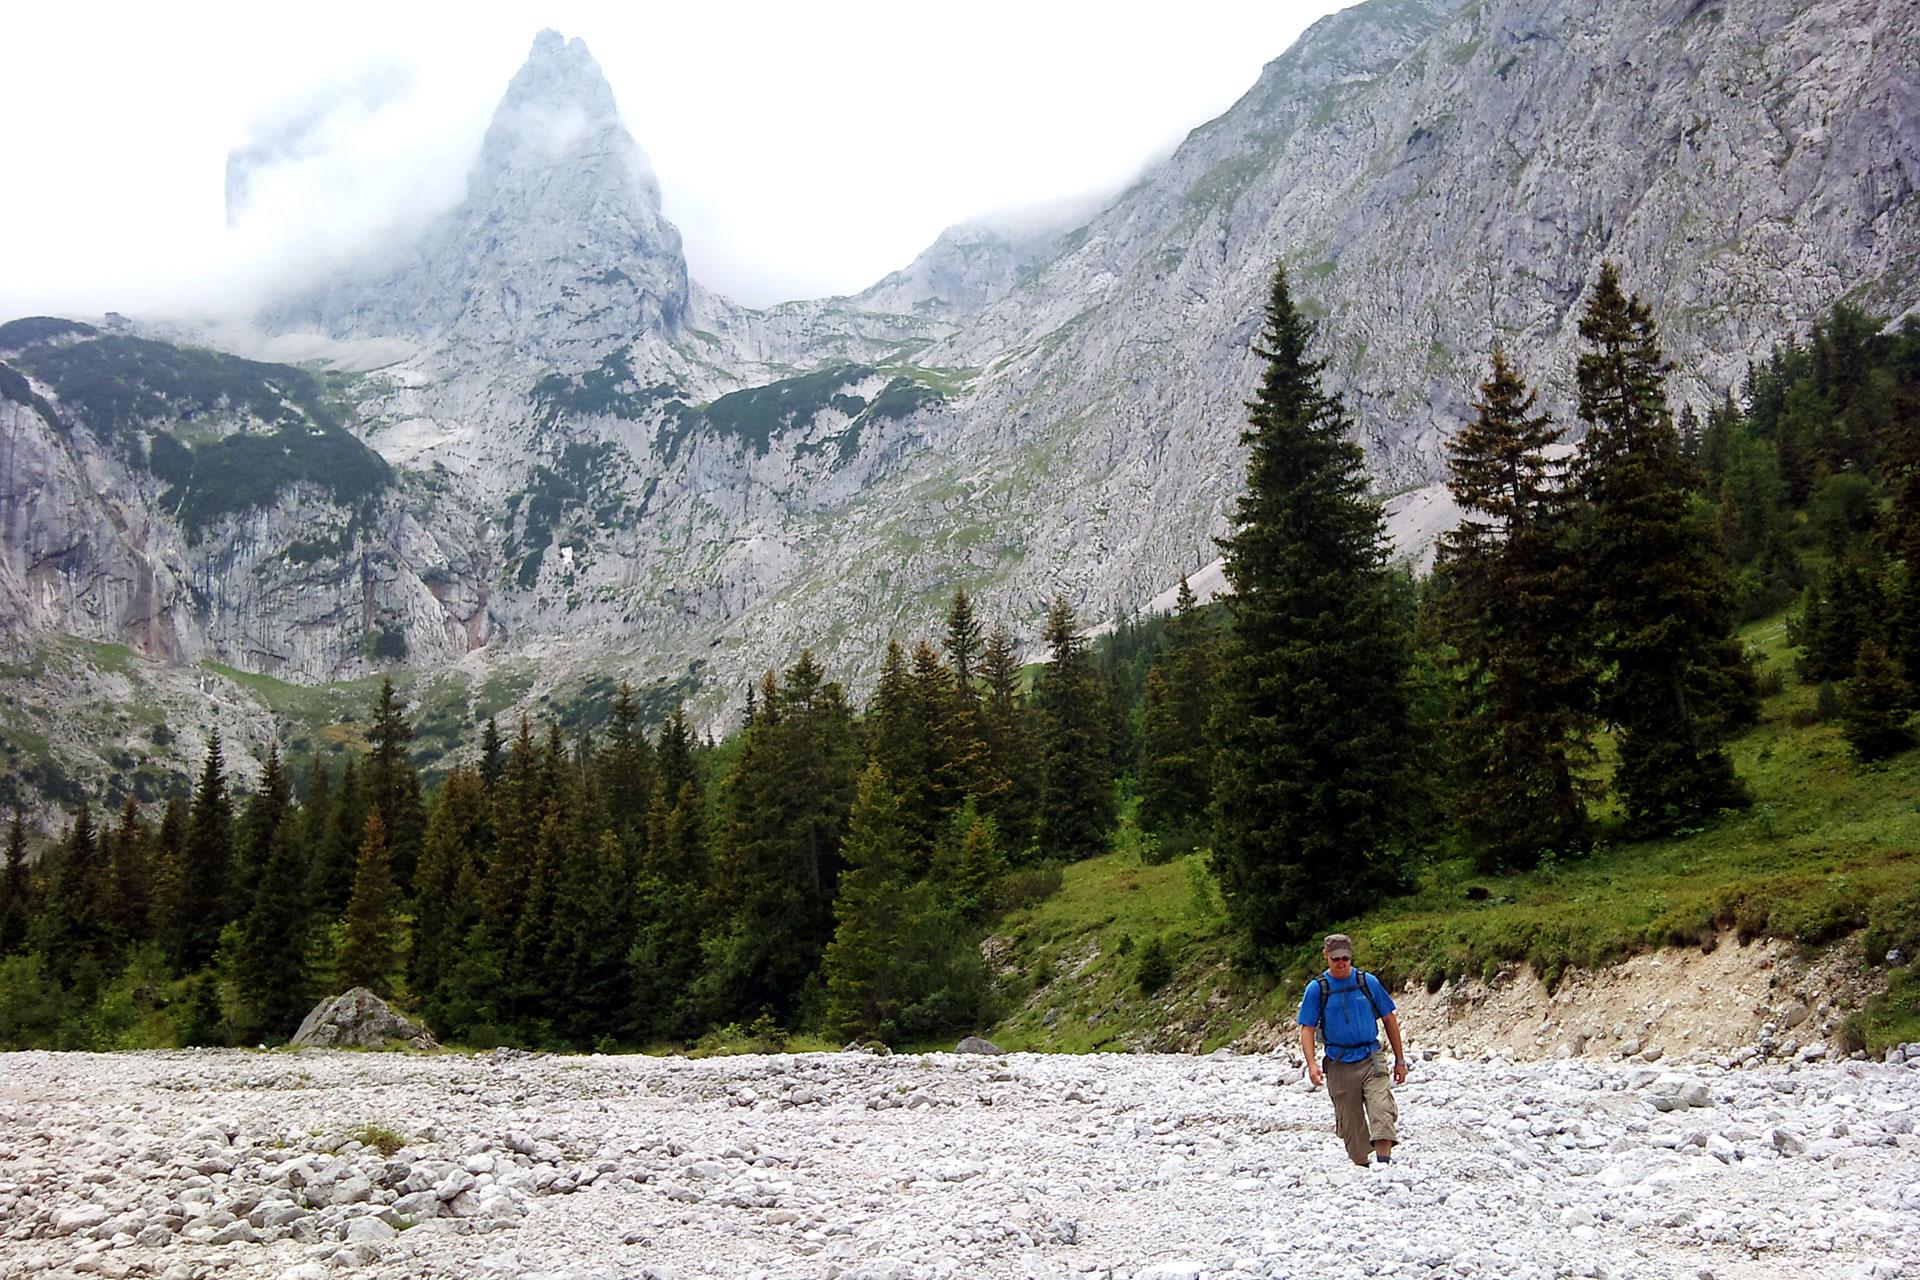 Nein, der Hammersbach, der hauptsächlich vom unterhalb der Zugspitze gelegenen Gletscher gespeist wird, ist hier nicht ausgetrocknet, sondern verläuft das Stück an der Hütte vorbei unterirdisch. Sehr zur Freude der Wanderer, die sich hier ungehemmt ausbreiten können.